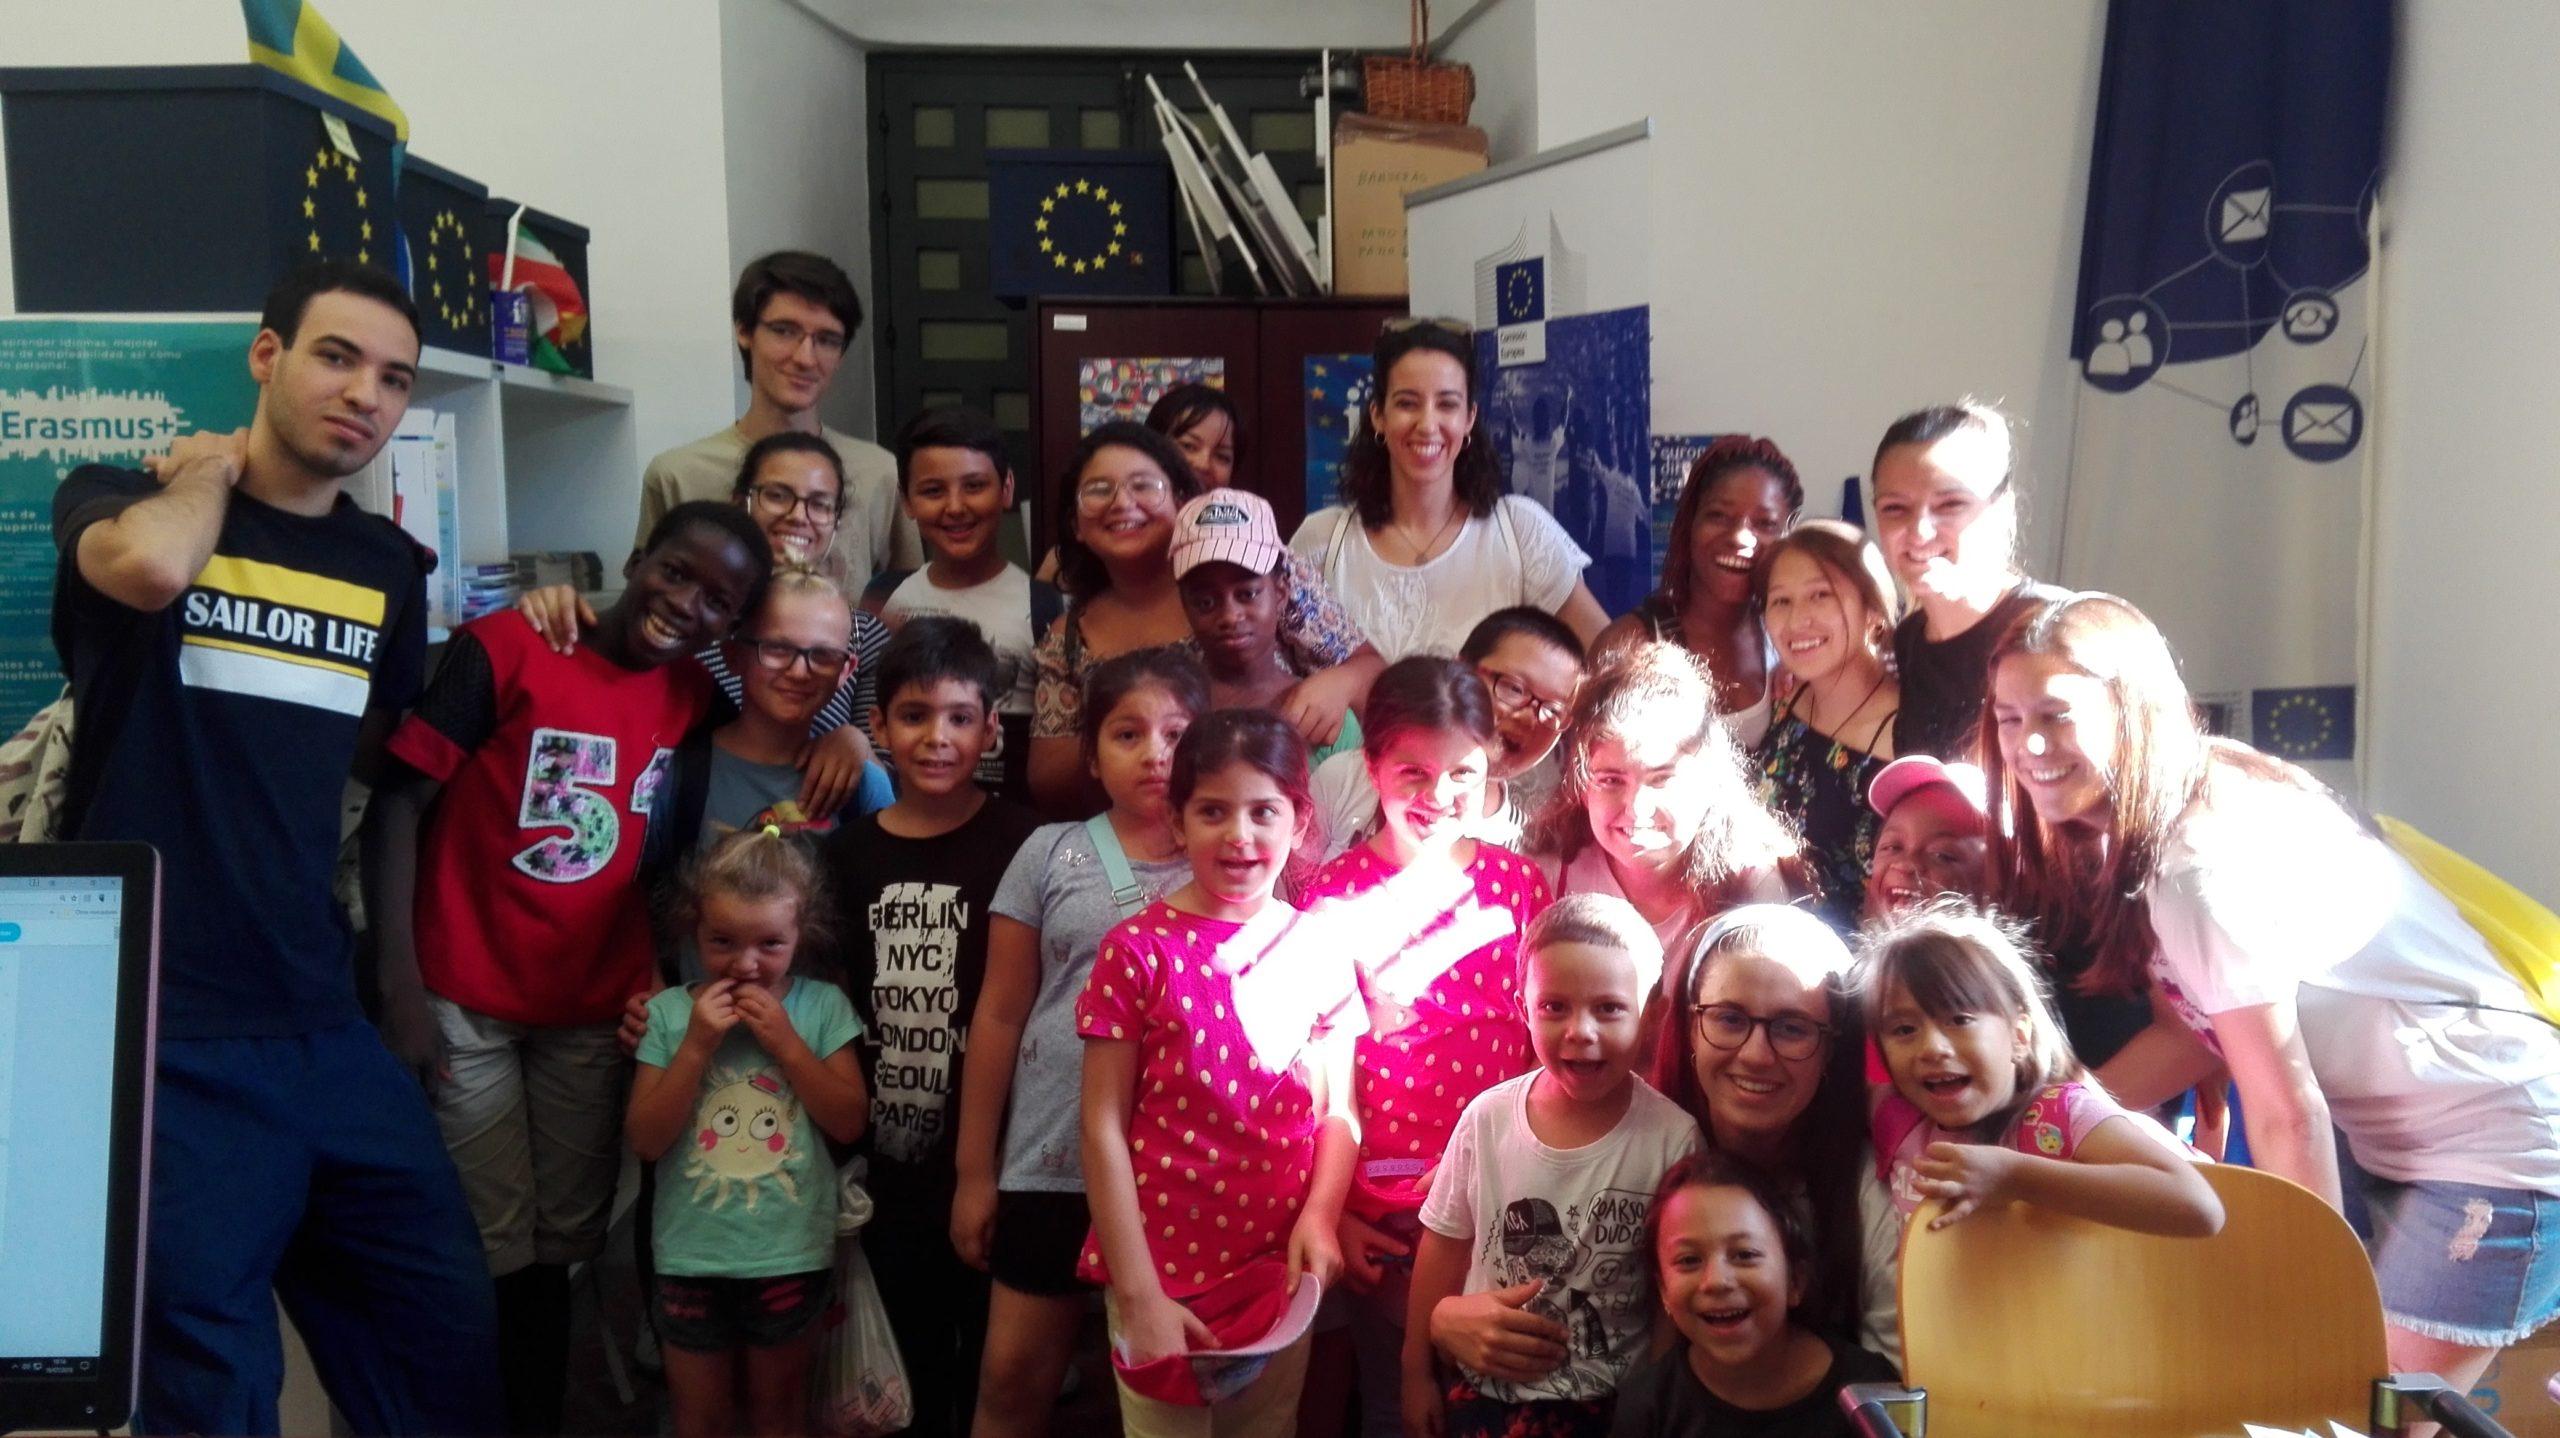 Visita a nuestro Centro de Visitantes Europe Direct de un grupo de jóvenes y niños de la ludoteca de APIC. 19 julio 2018.